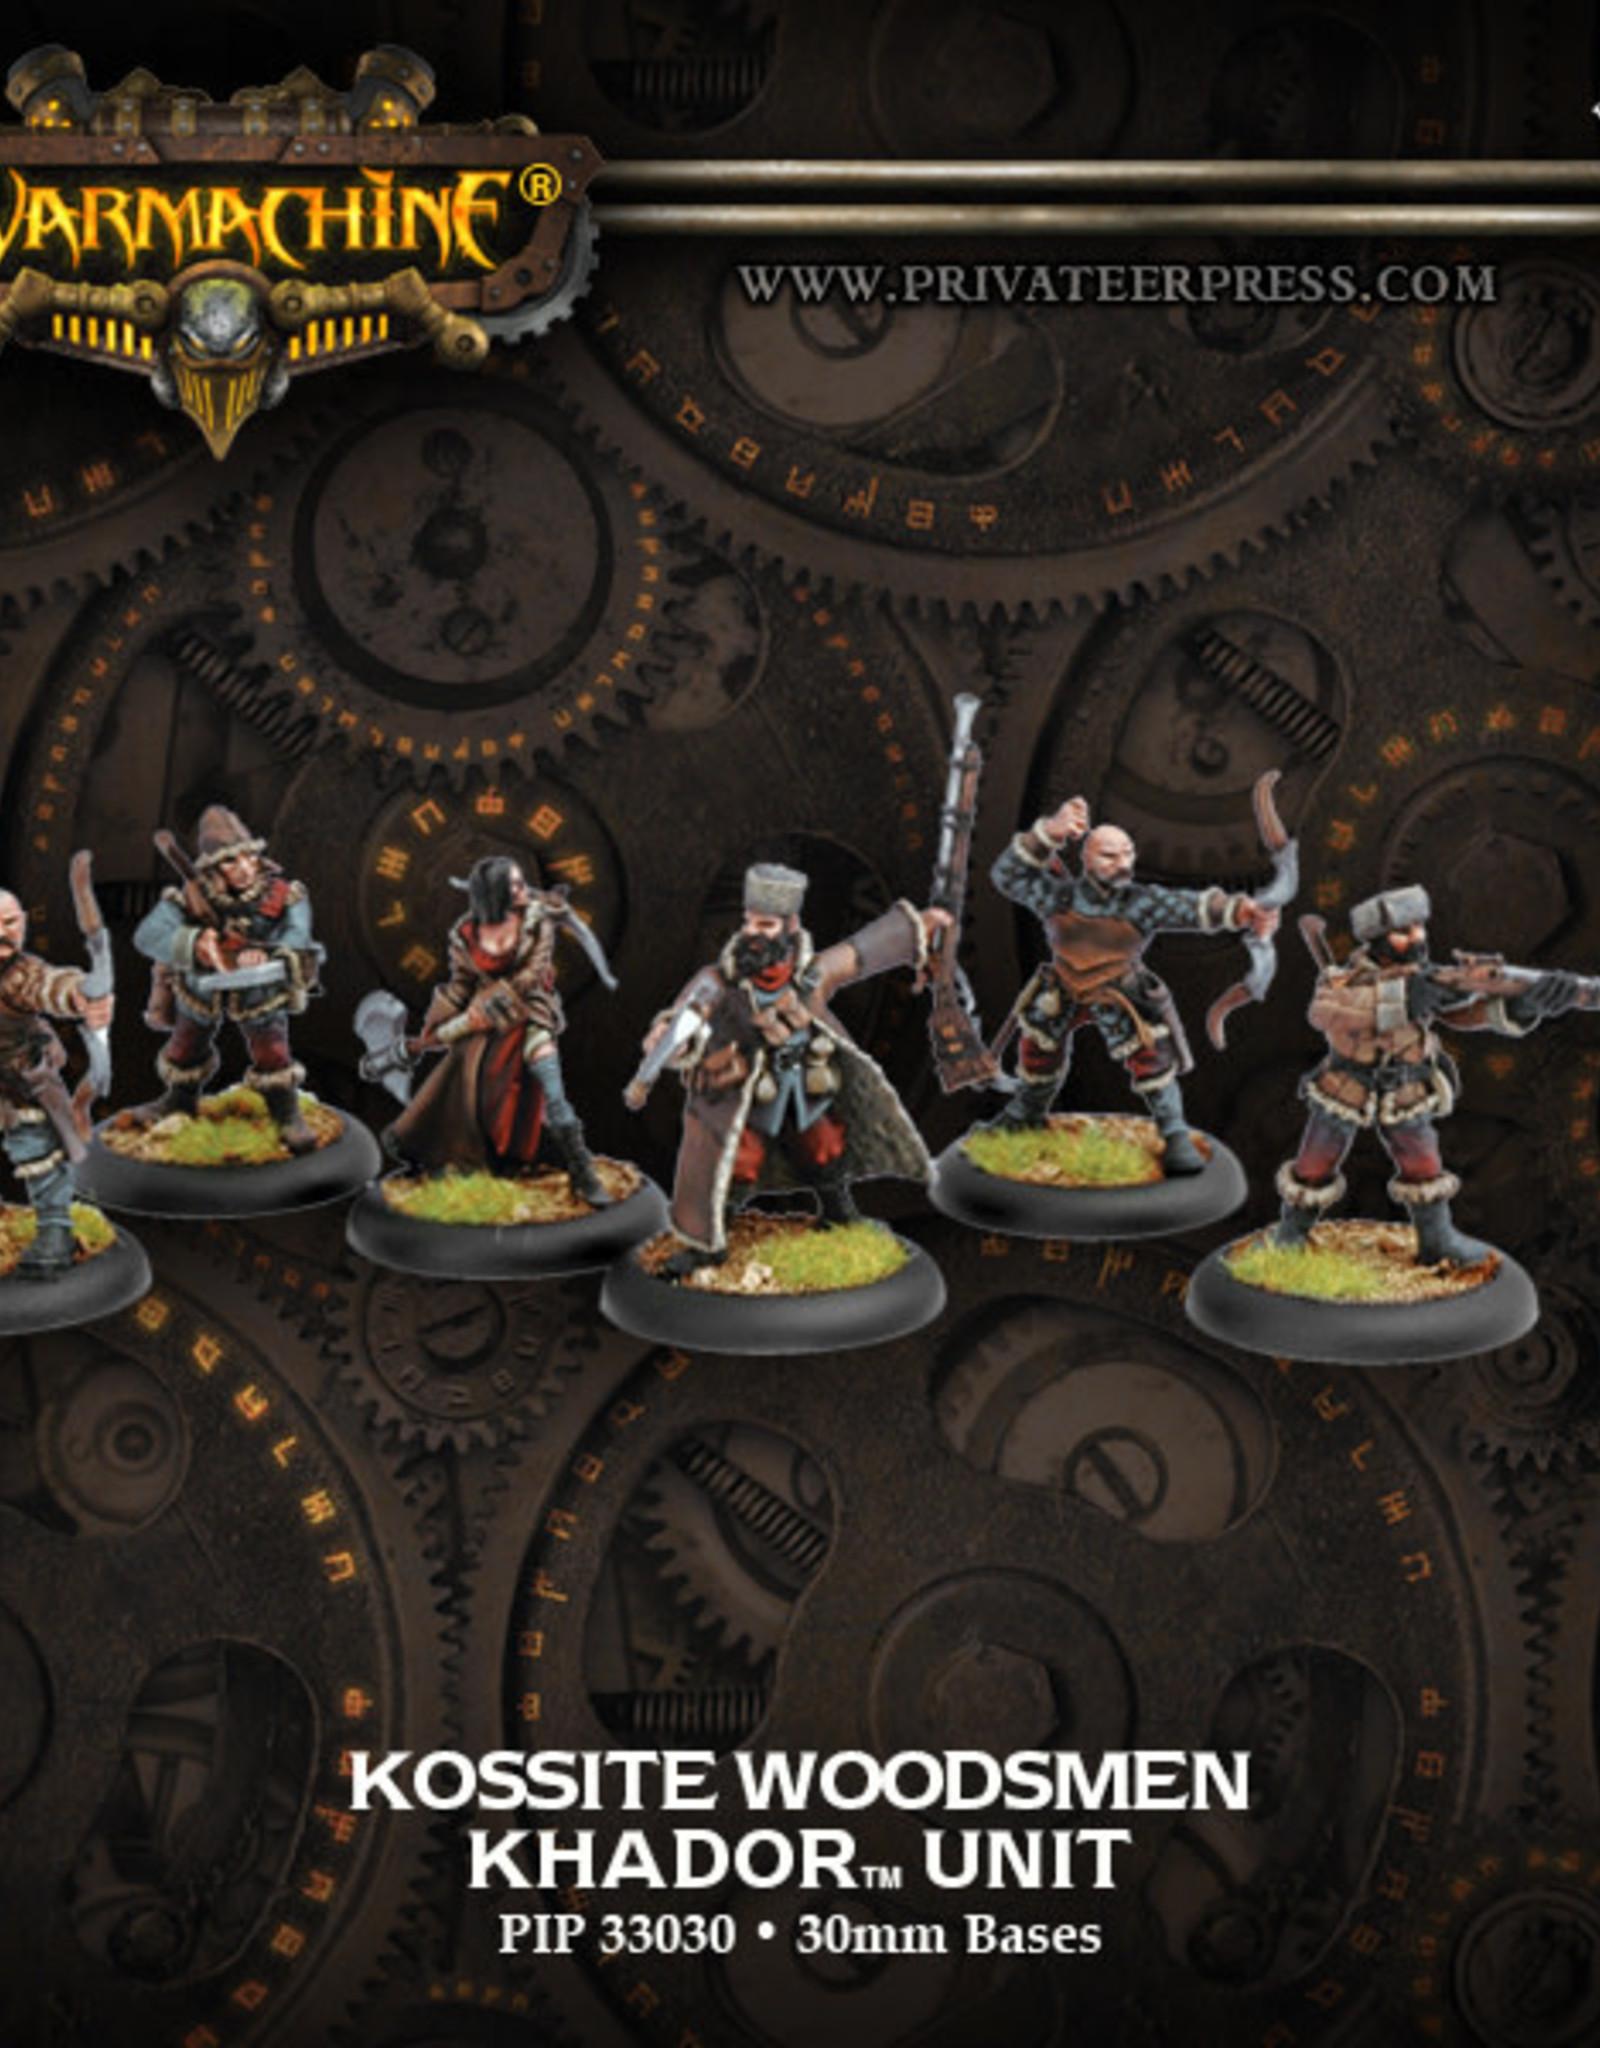 Warmachine Khador - Kossite Woodsmen